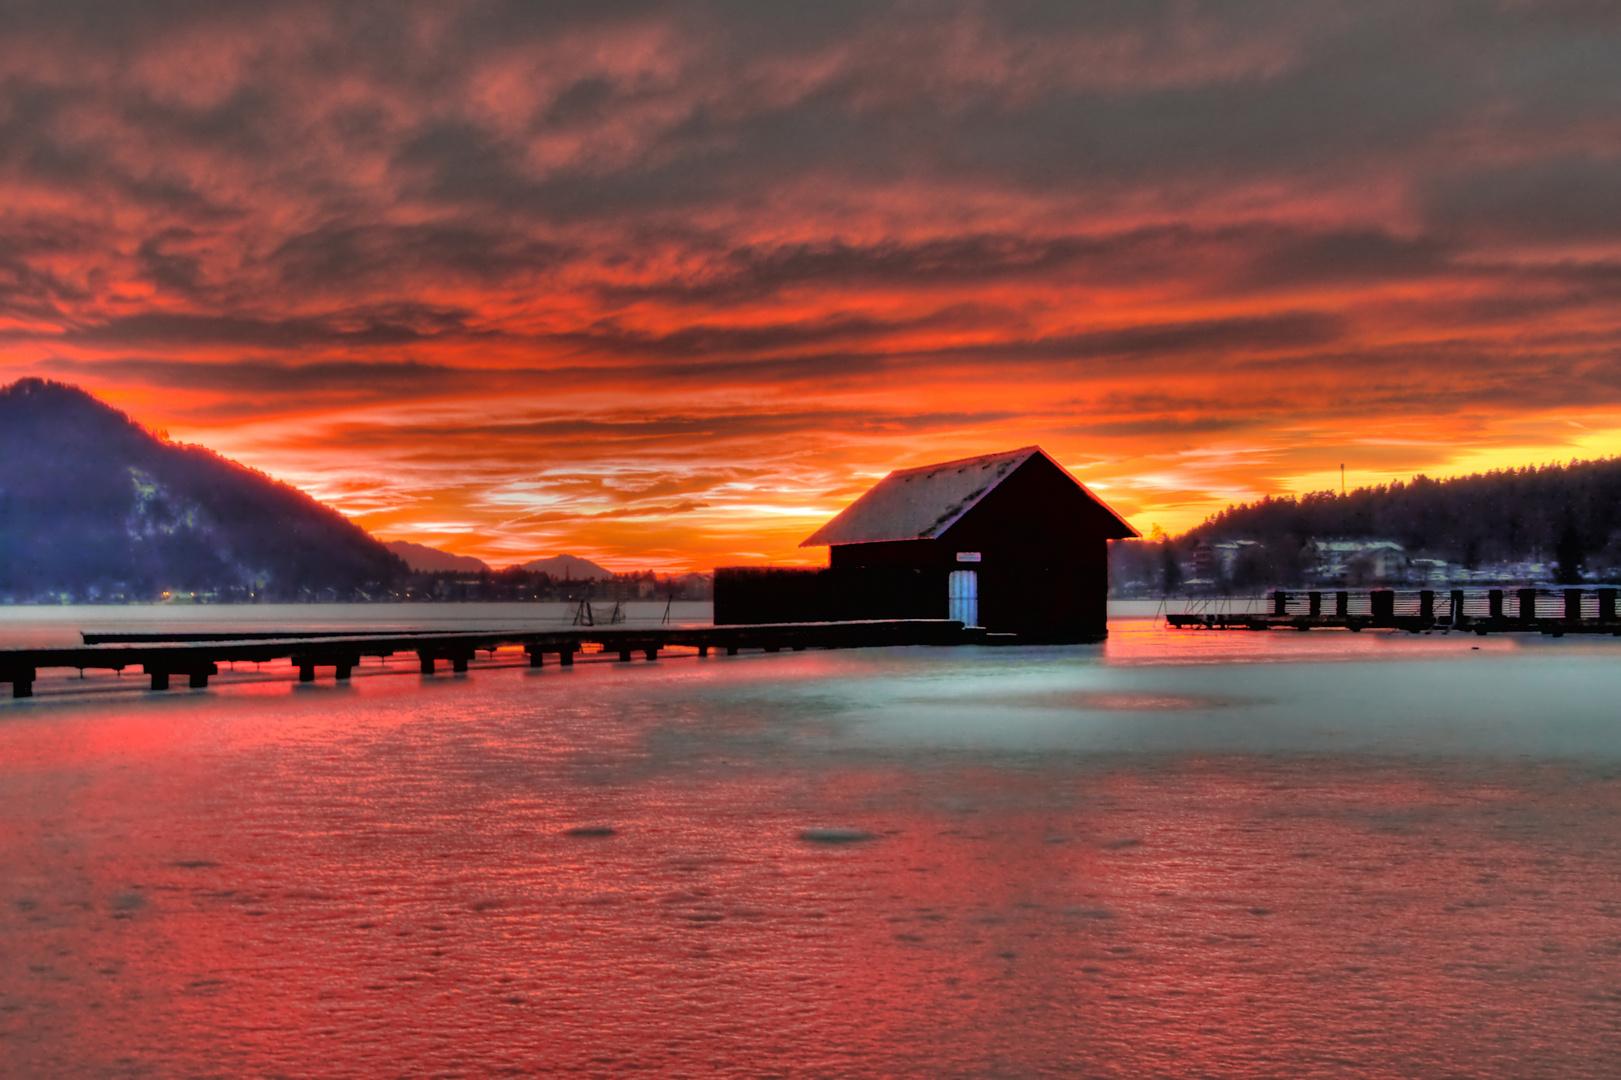 Sonnenuntergang am Klopeinersee